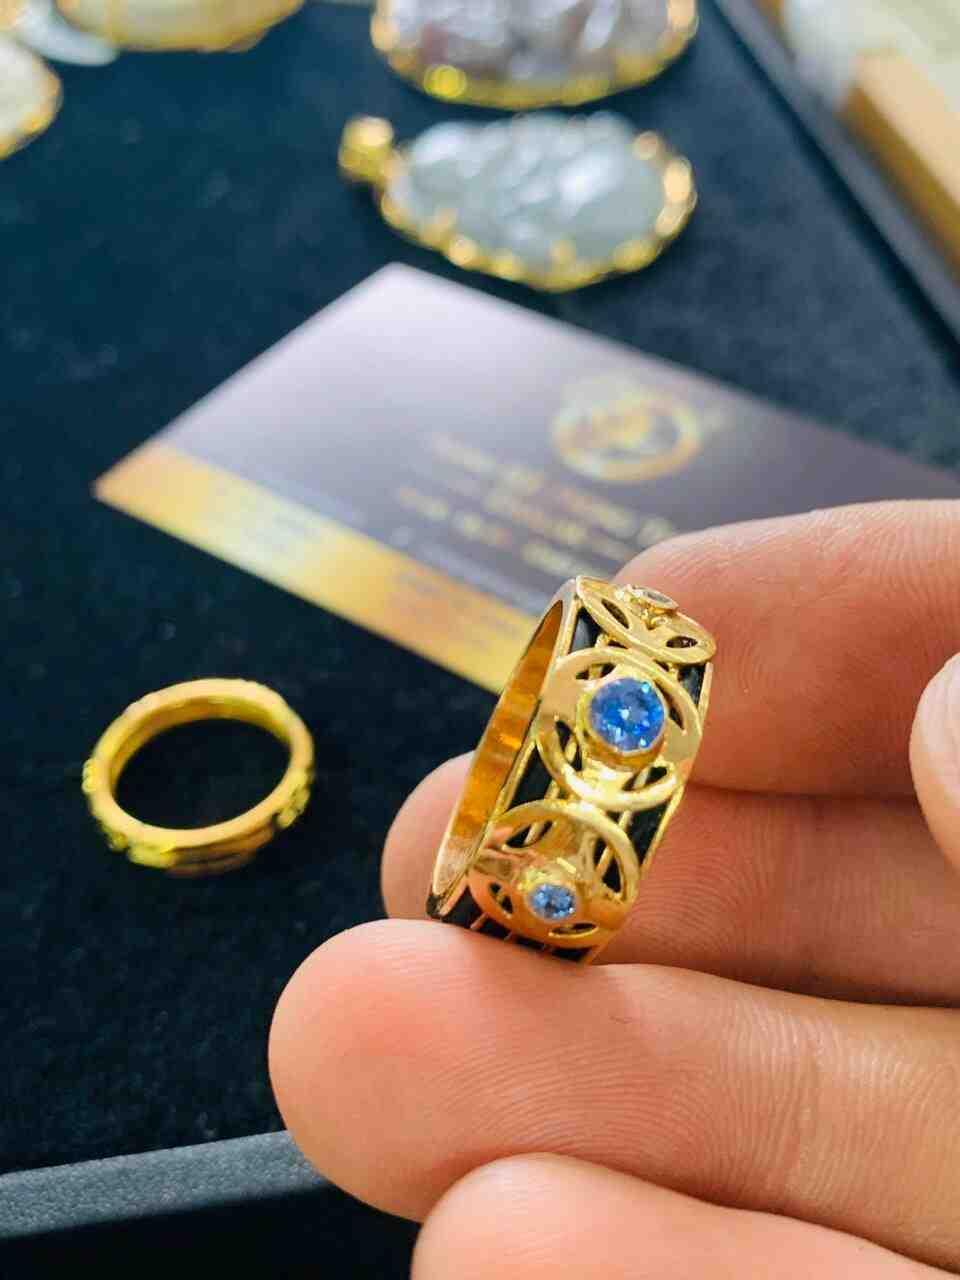 Nhẫn ĐỒNG TIỀN đính đá Cz xanh dương hợp mệnh Thủy – Mộc